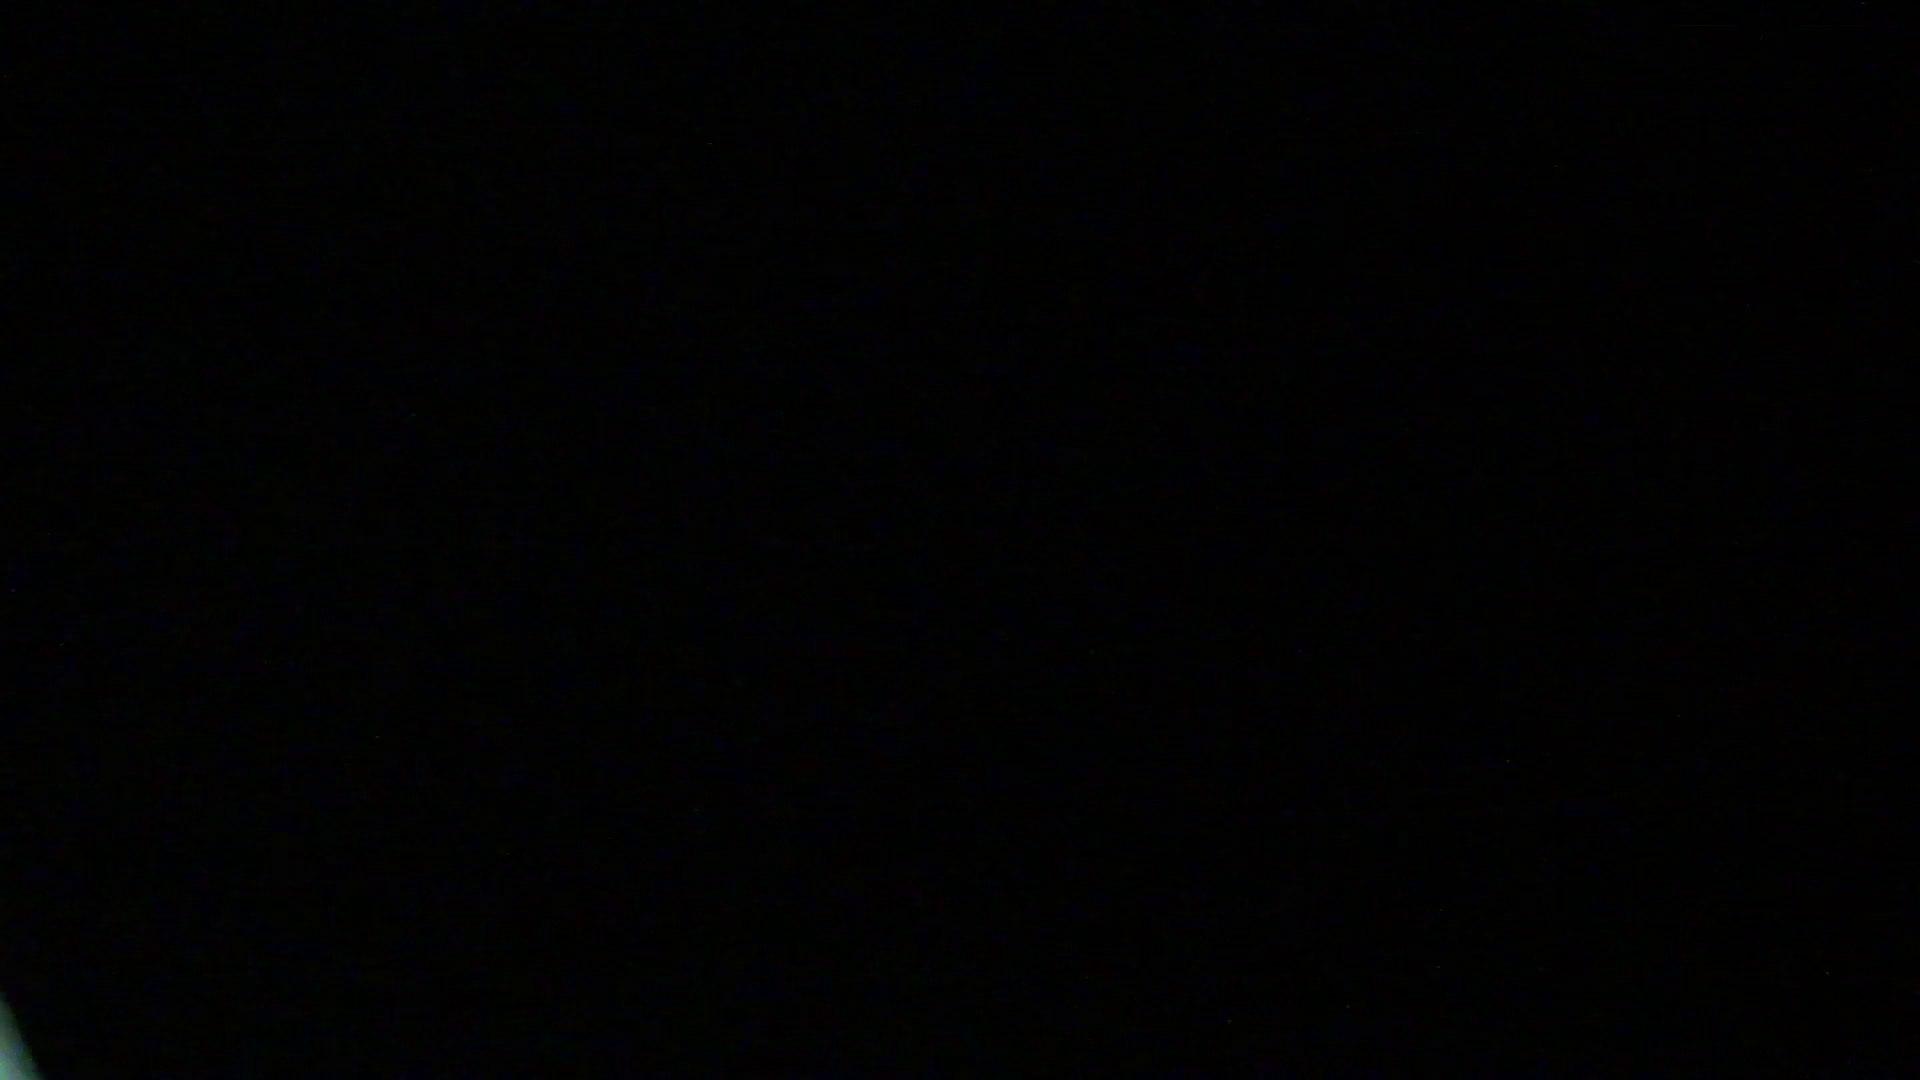 ギャルのツルピカ潜入盗撮!Vol.11 ギャルの実態 盗み撮りAV無料動画キャプチャ 72pic 4